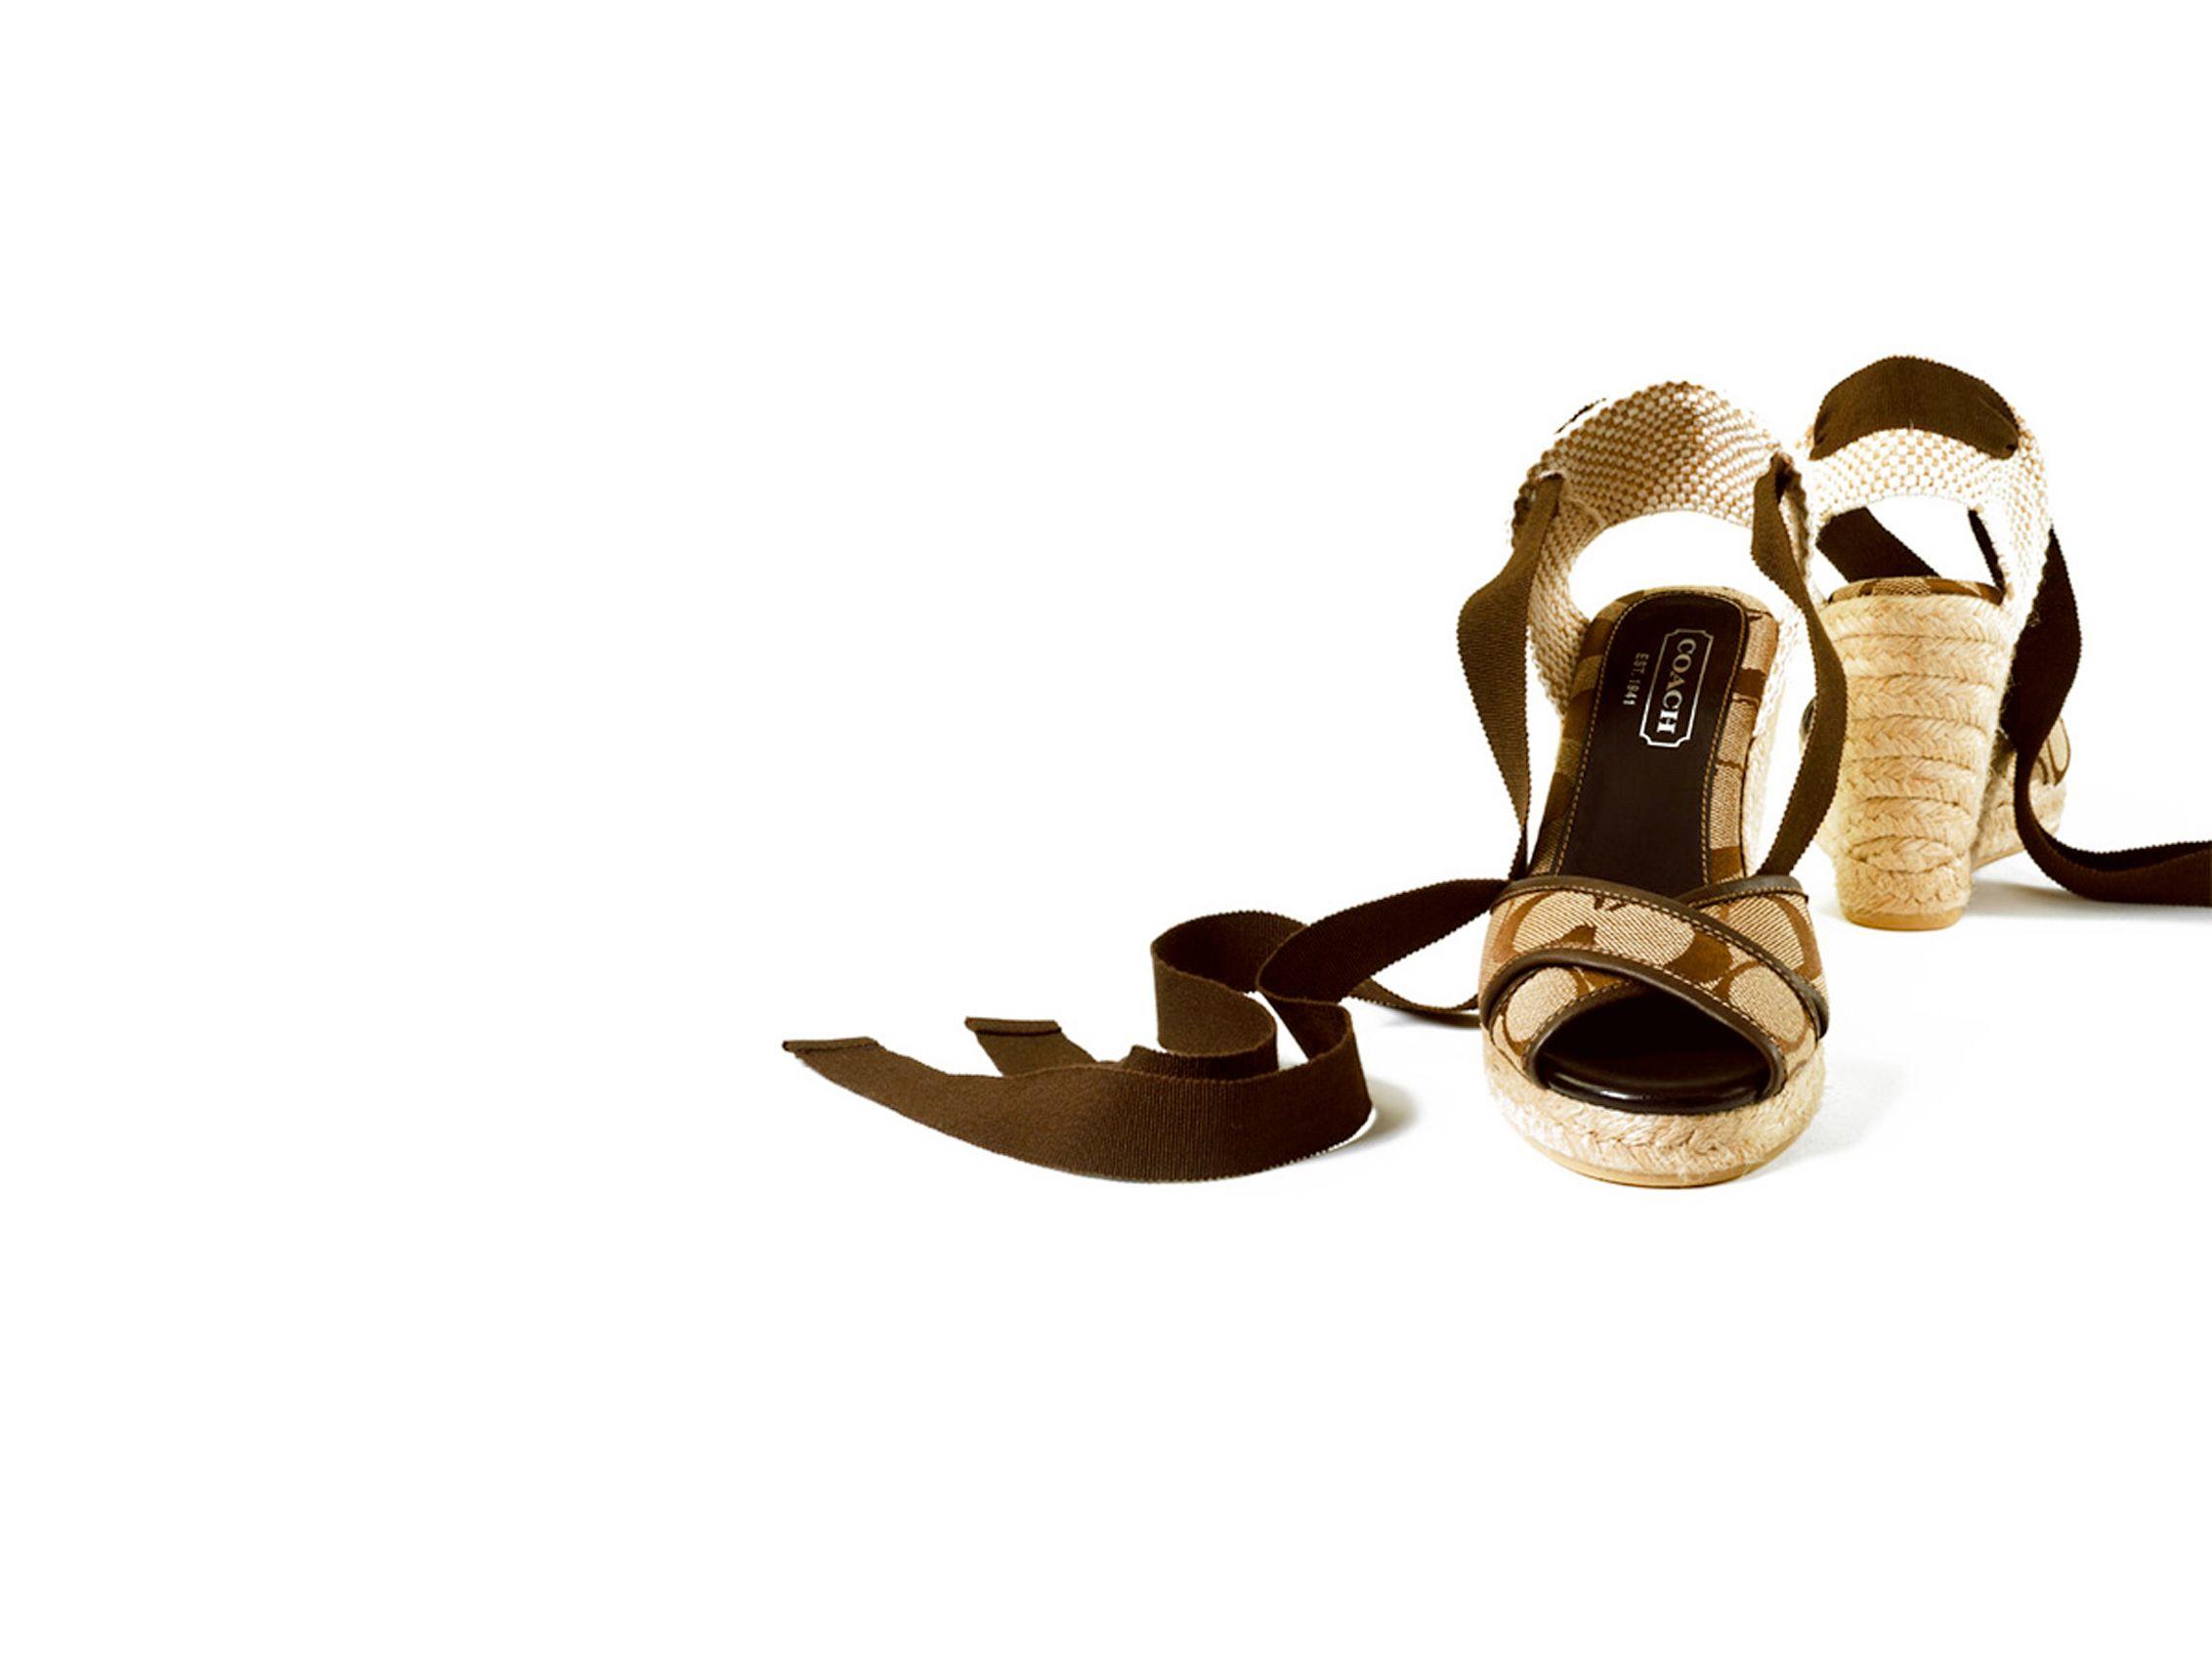 coach-shoes.jpg